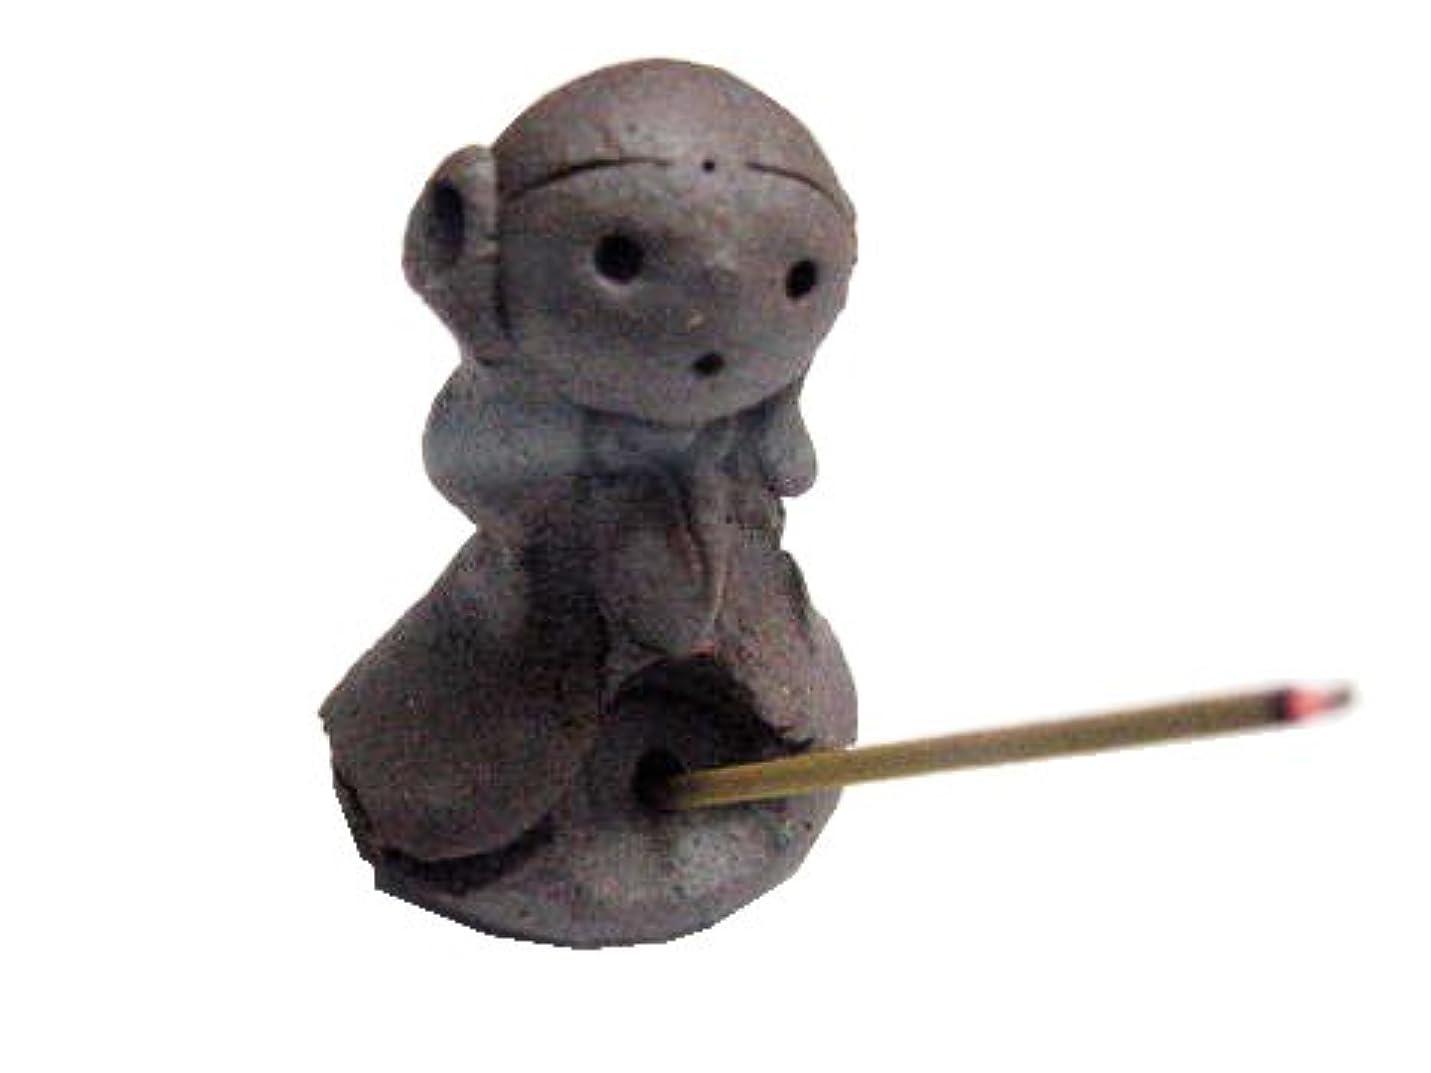 朝恐怖おしゃれな淡路梅薫堂の可愛い幸せを呼ぶお地蔵様のお香立て スティック コーン かわいい incense stick cones holder #433